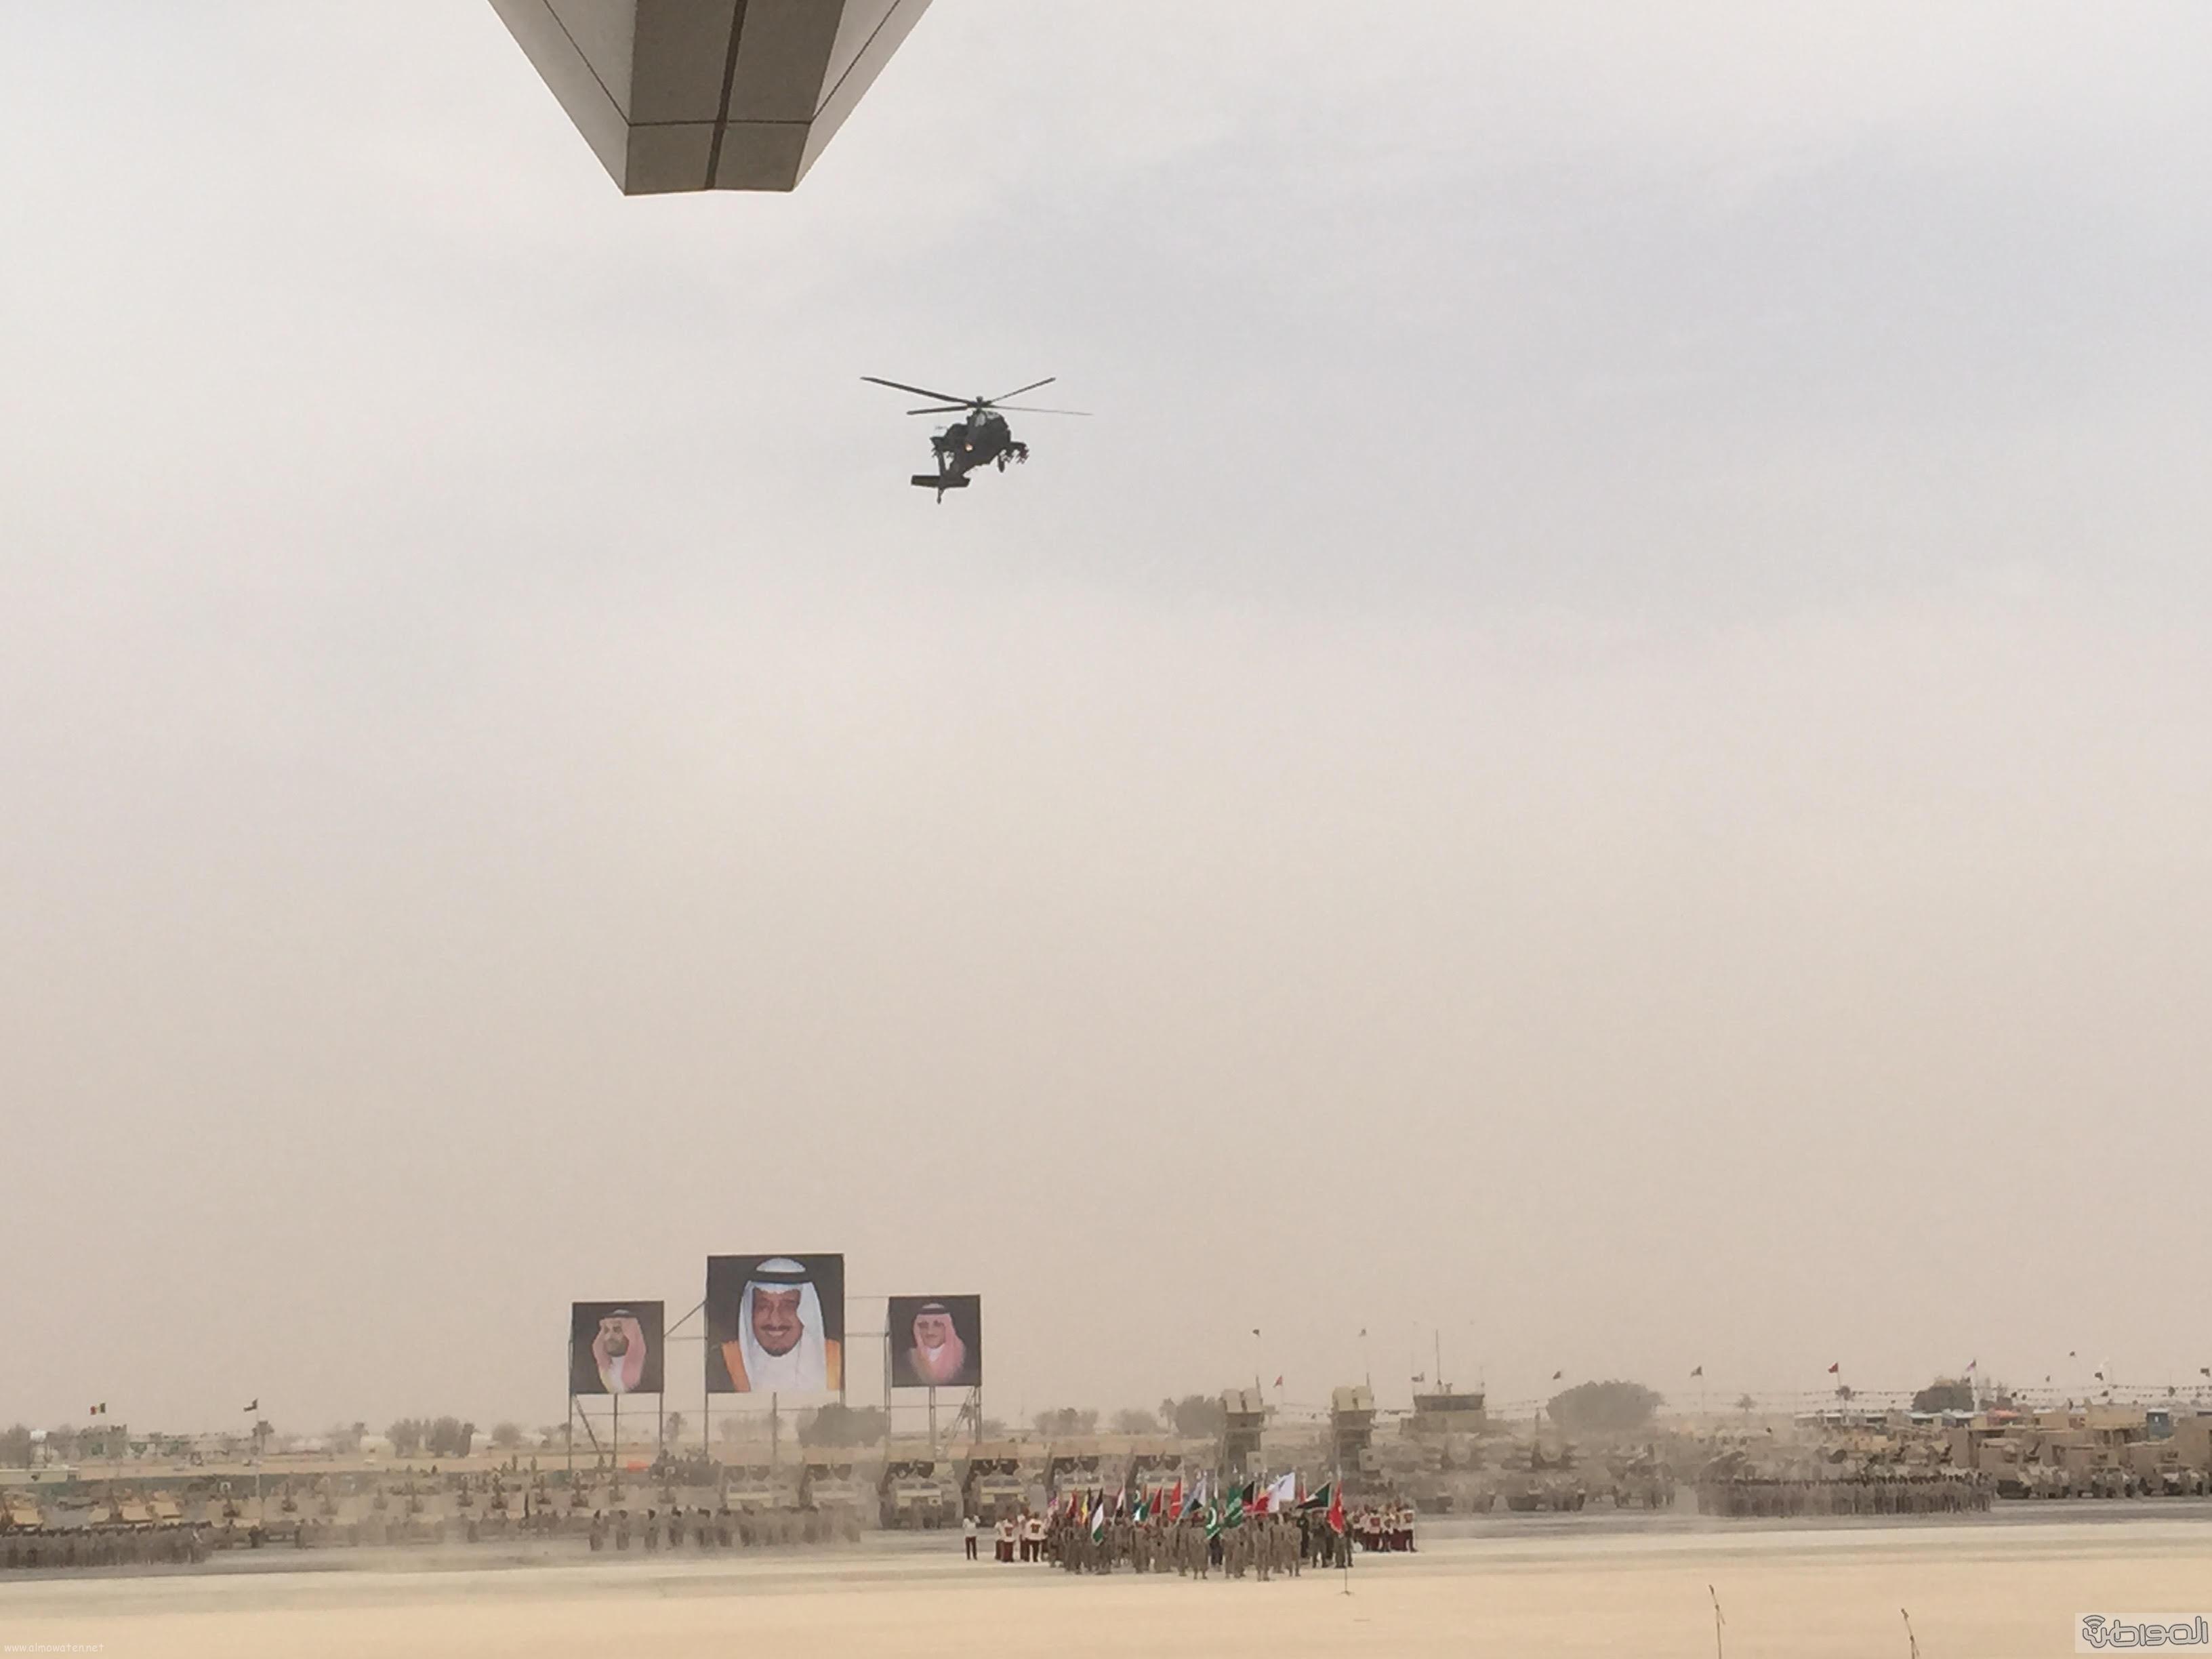 قائد يستعرض طائرة اباتشي امام الملك سلمان (4)